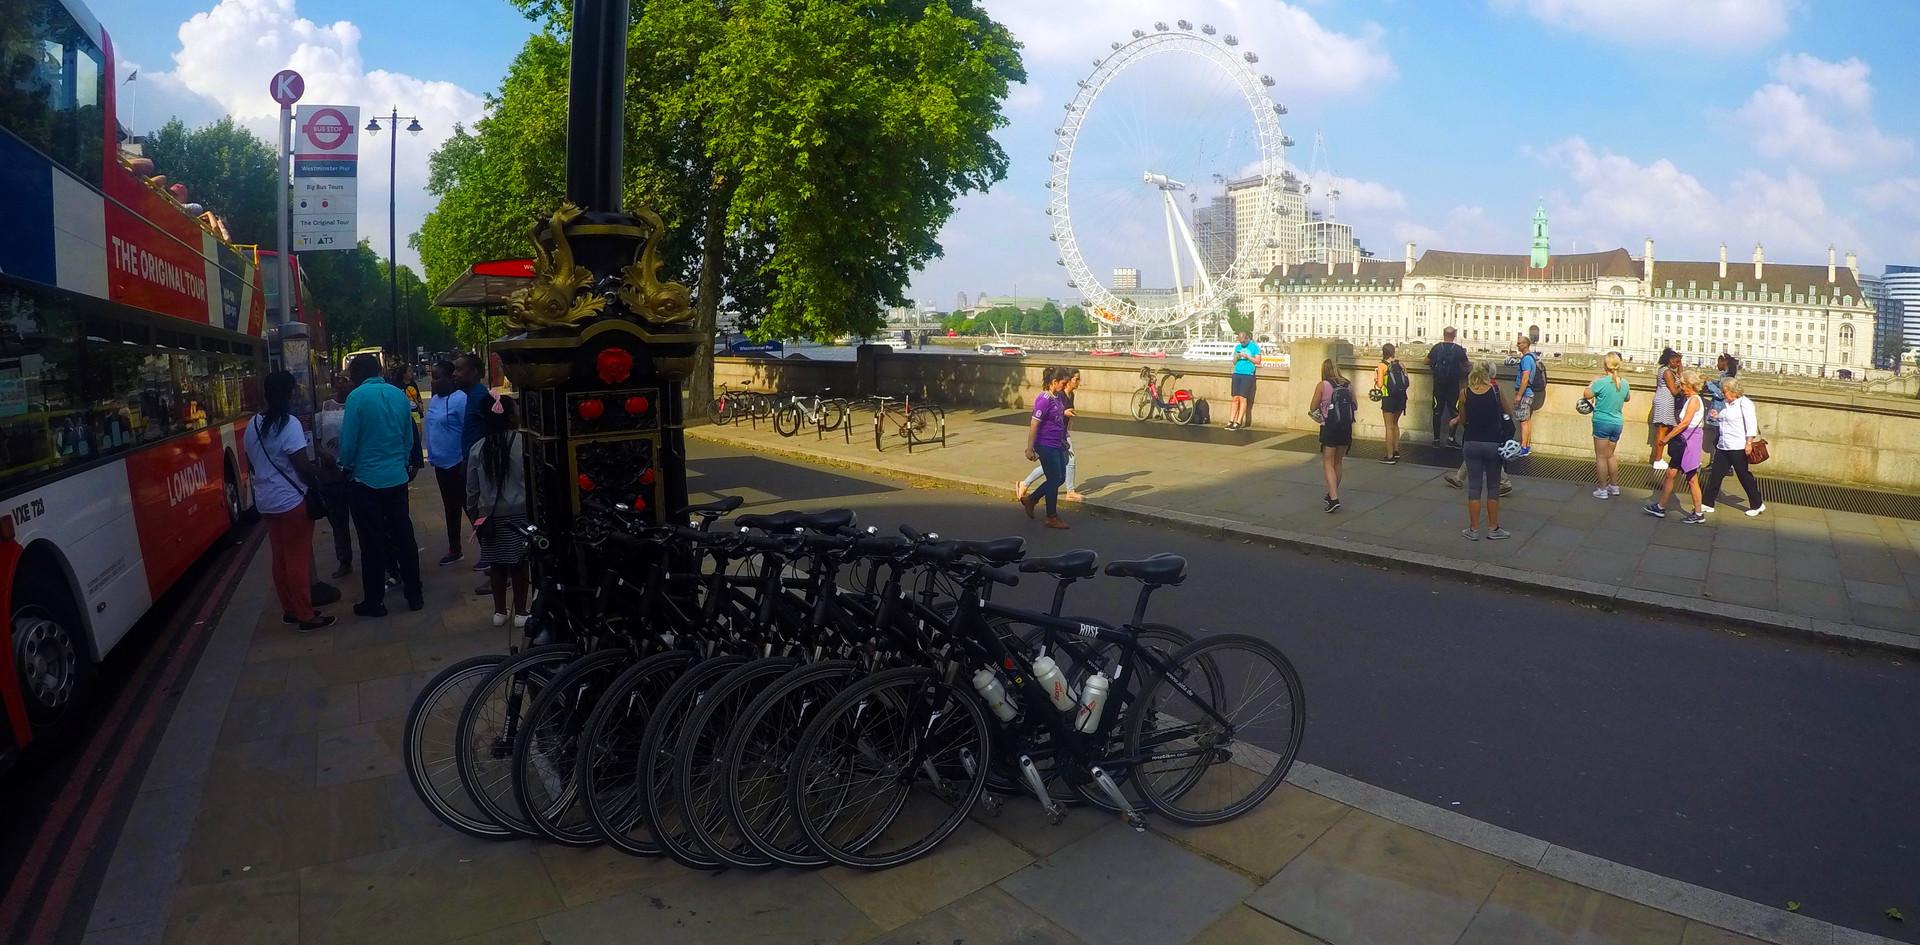 Großbritannien, London